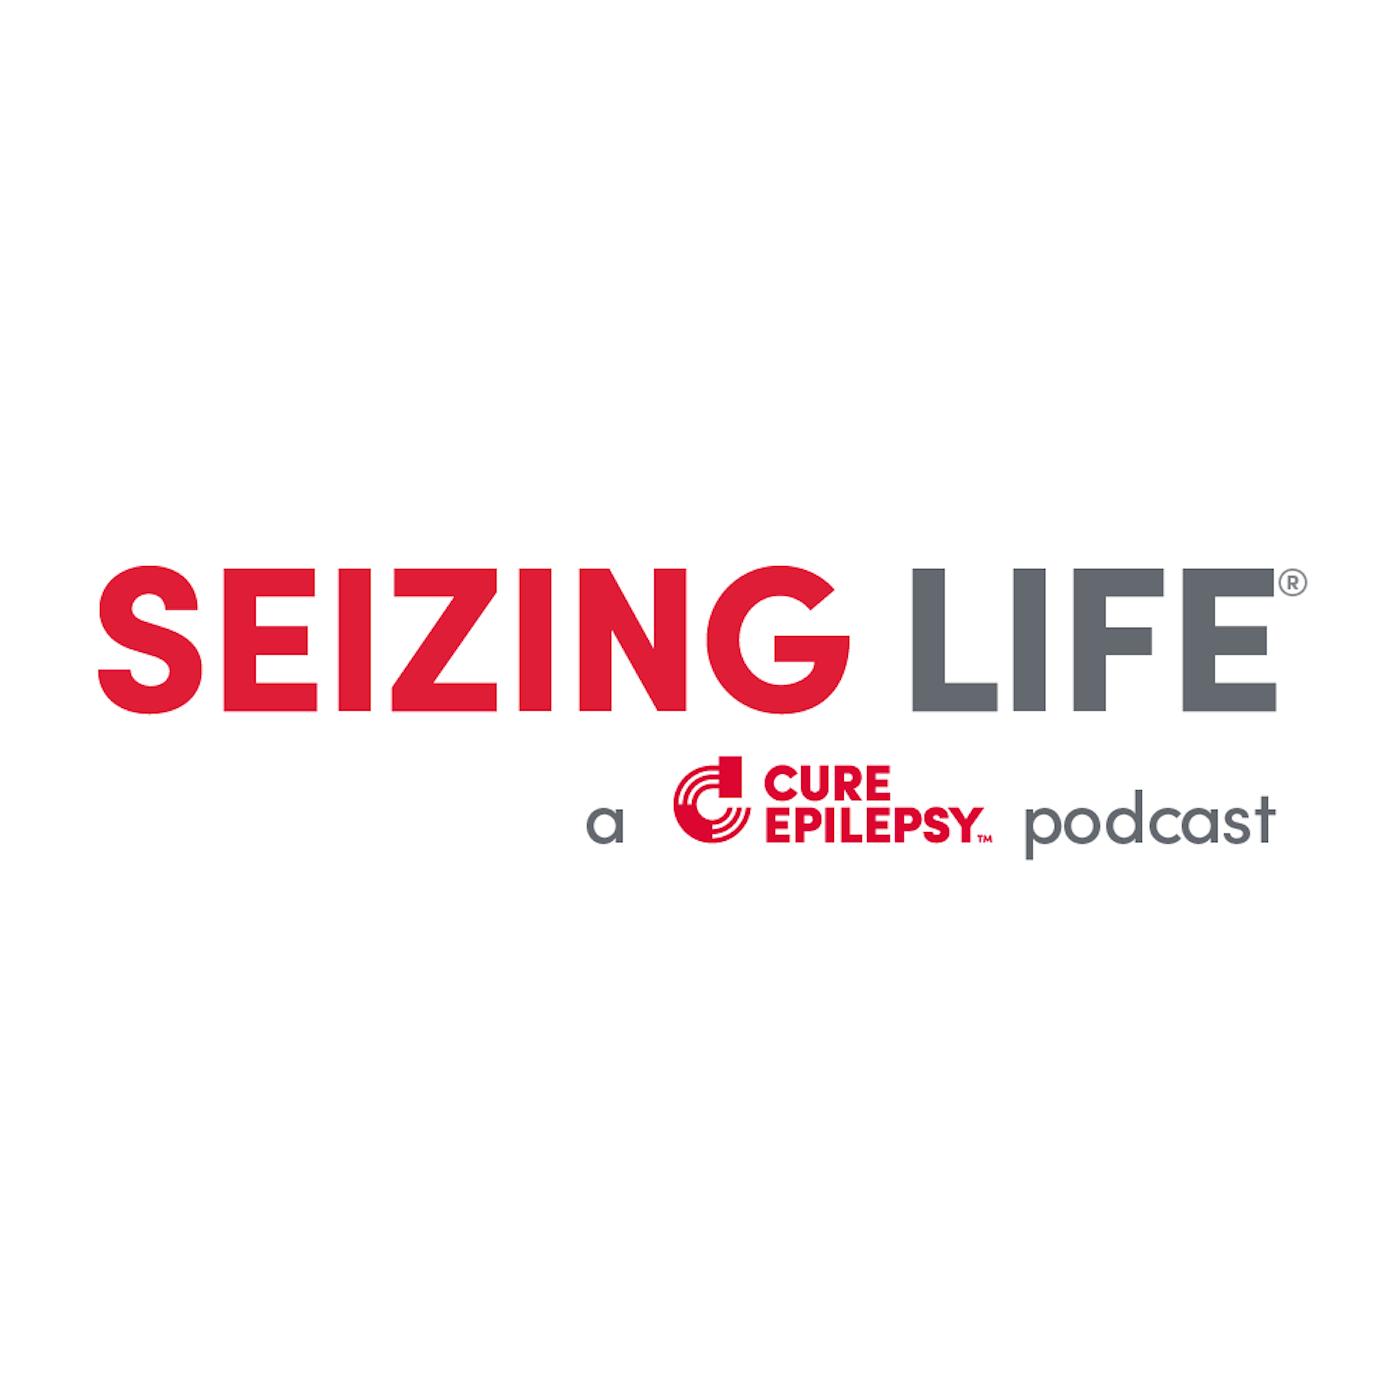 Seizing Life